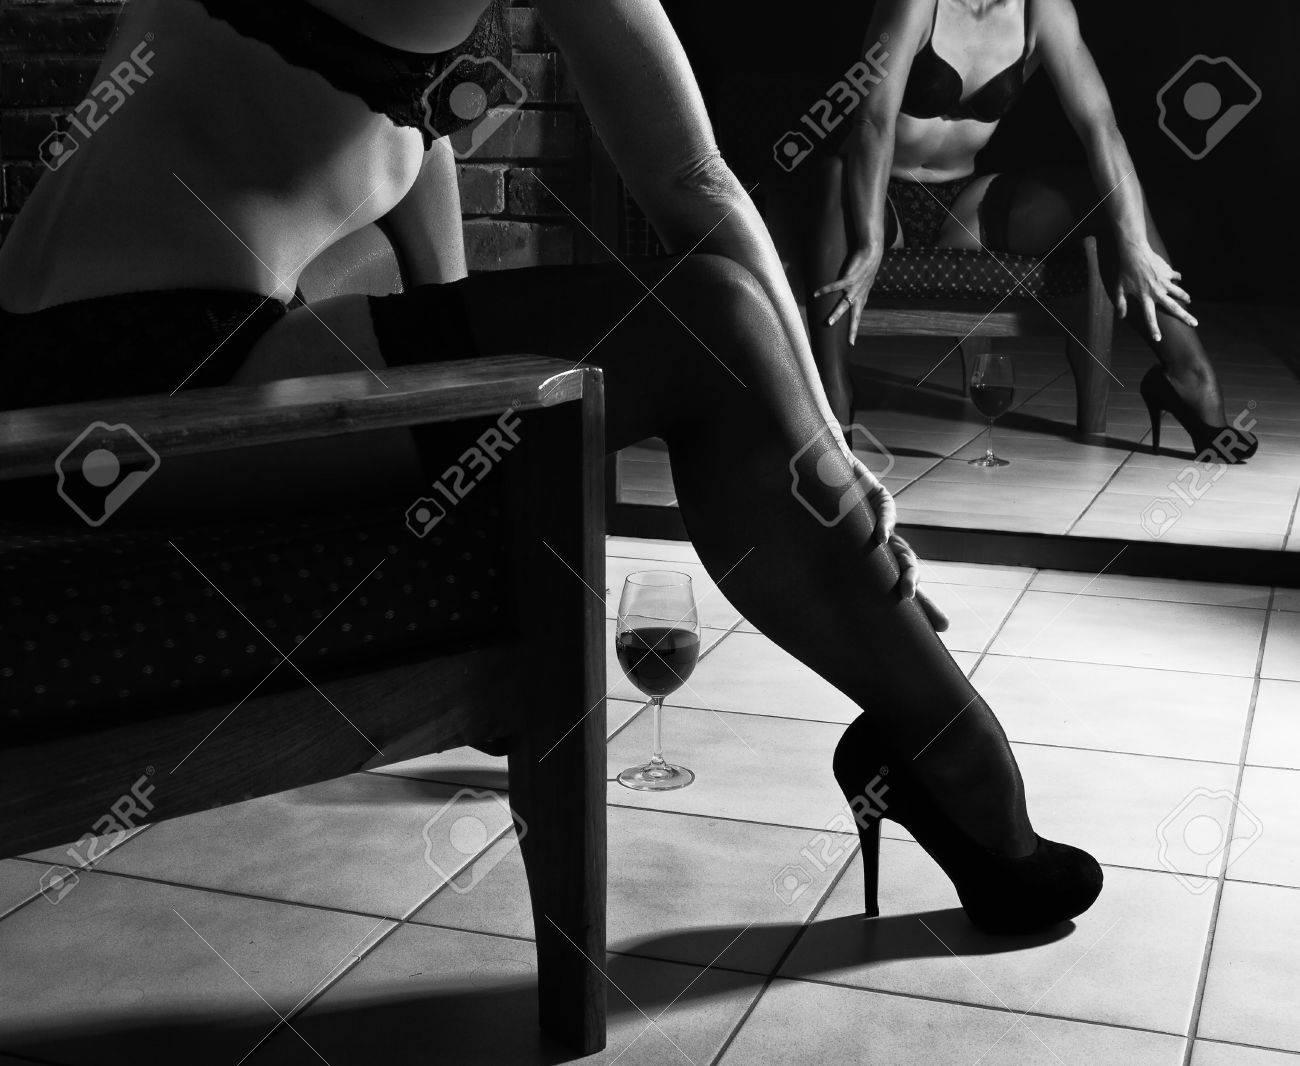 La Mujer Se Sienta En Una Silla En Ropa Interior Artística En Blanco